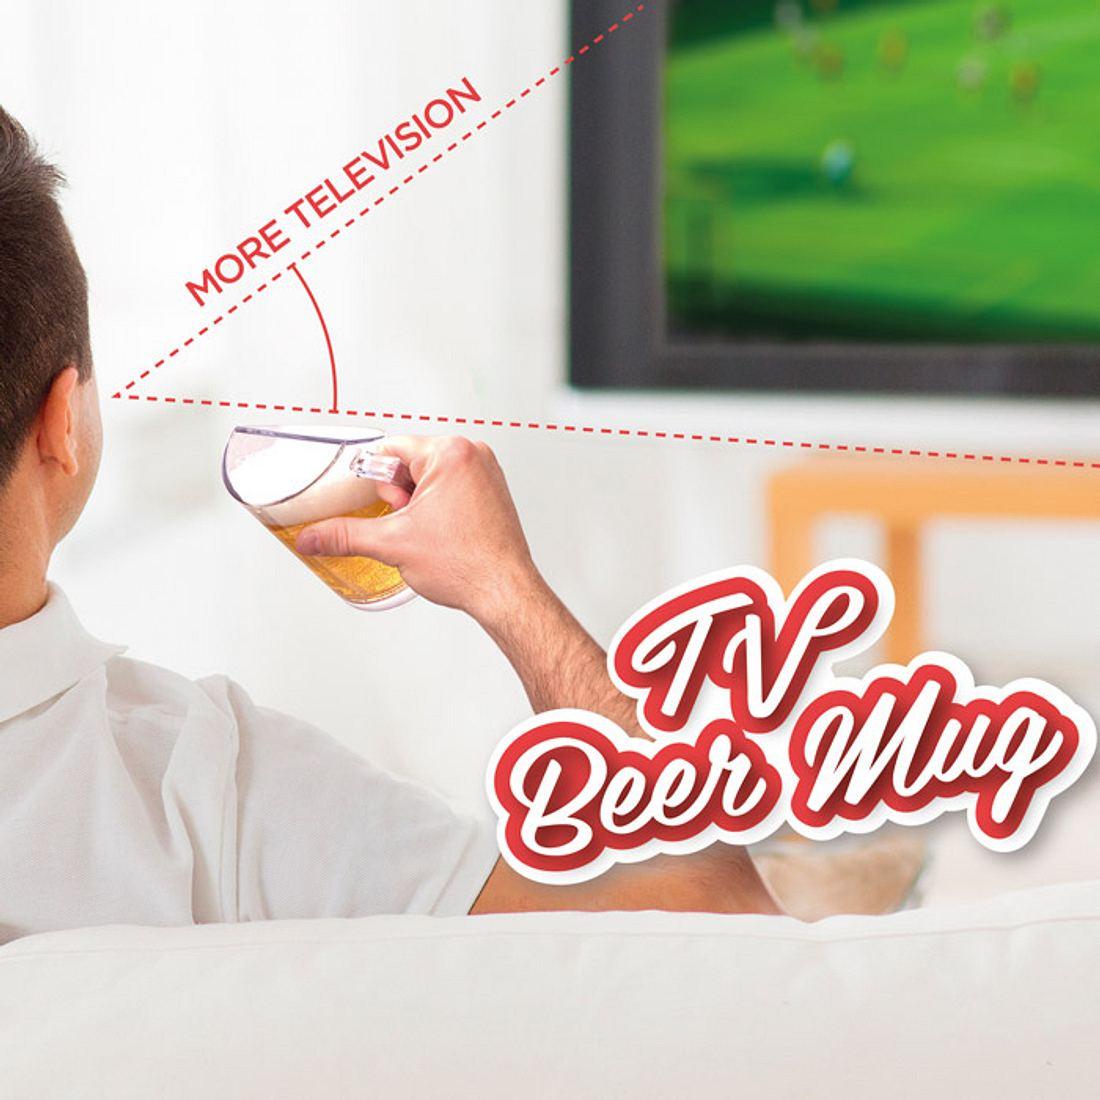 TV Beer Mug: Dieses Bierglas garantiert dir einen ungehinderten Blick auf deinen Fernseher